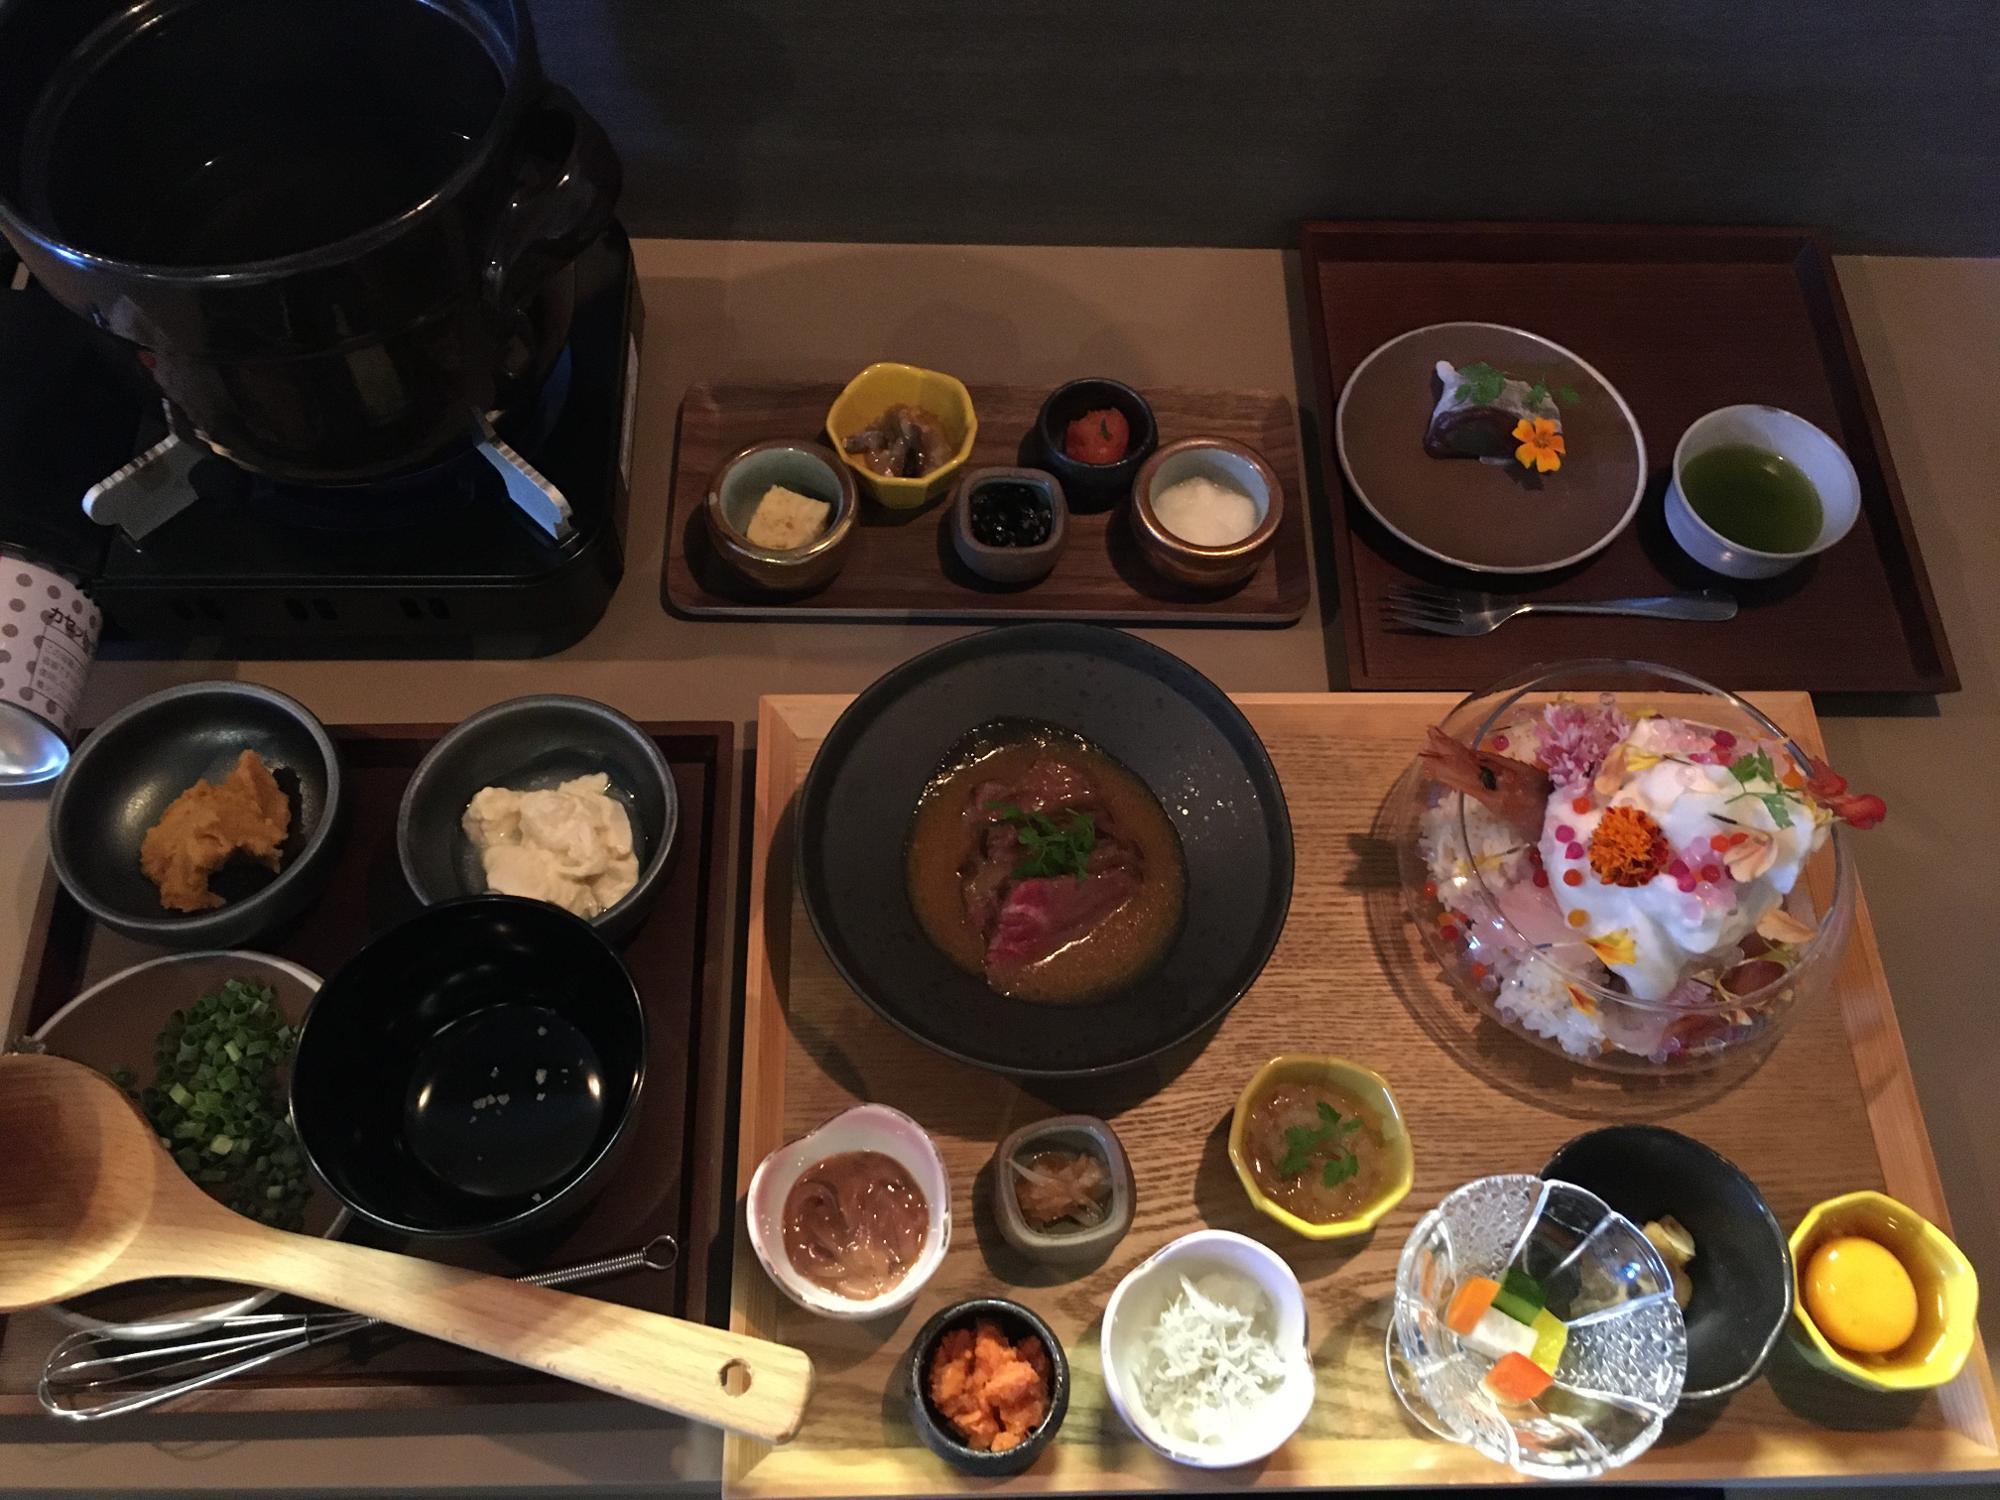 これはお膳のすべてを並べたもので、提供はそれぞれのお盆ごとに順番に出てきます。最後は大福と日本茶で!